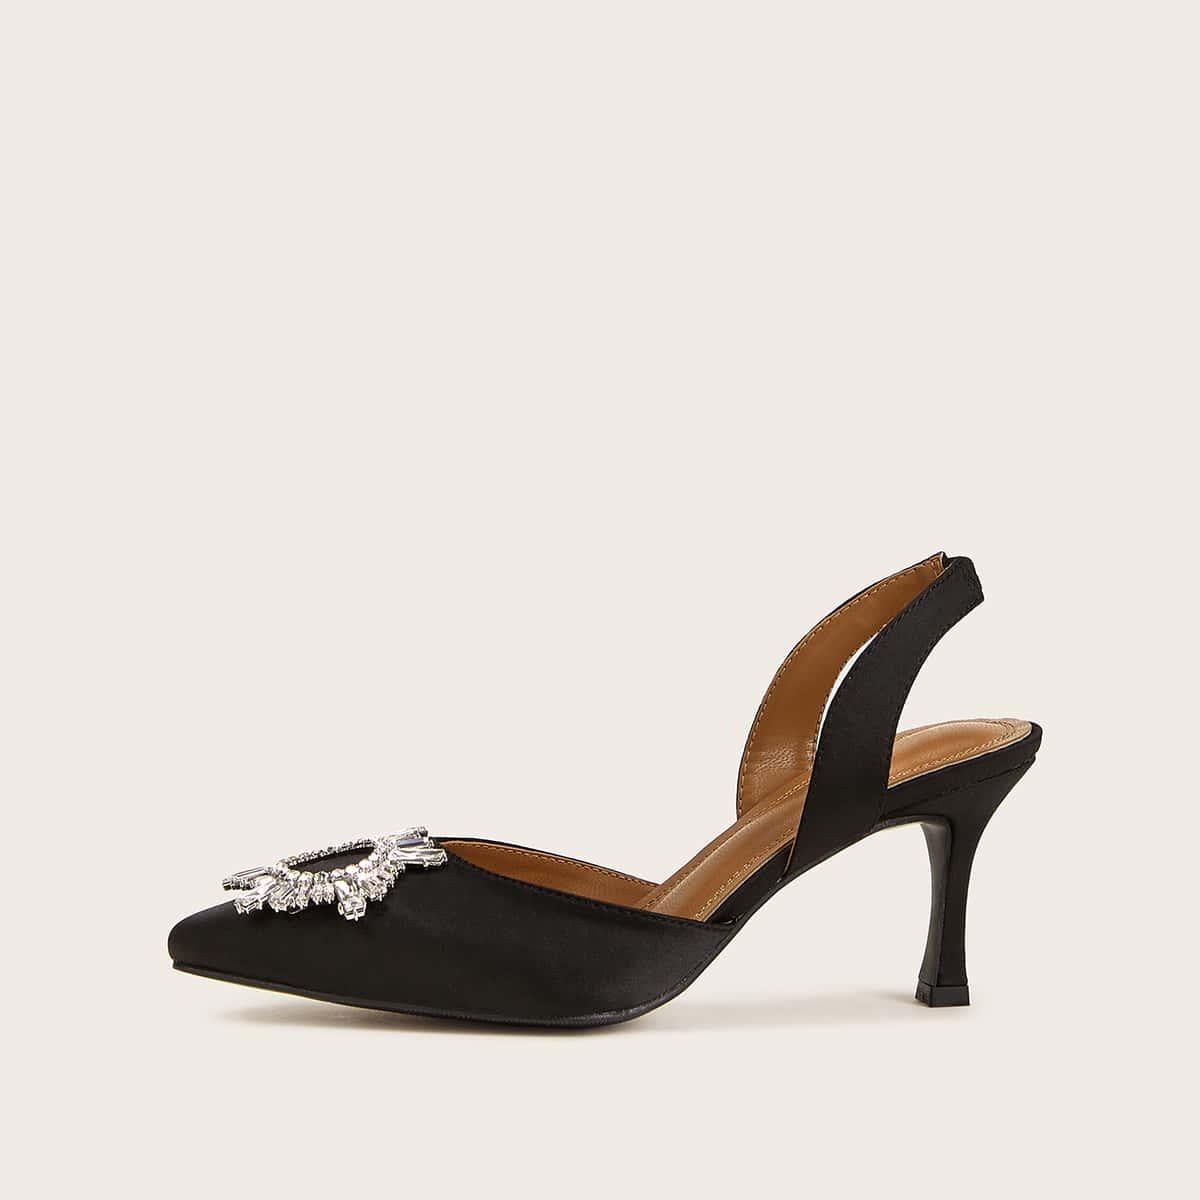 Остроконечные туфли на каблуках с открытой пяткой, декором солнца и стразами от SHEIN